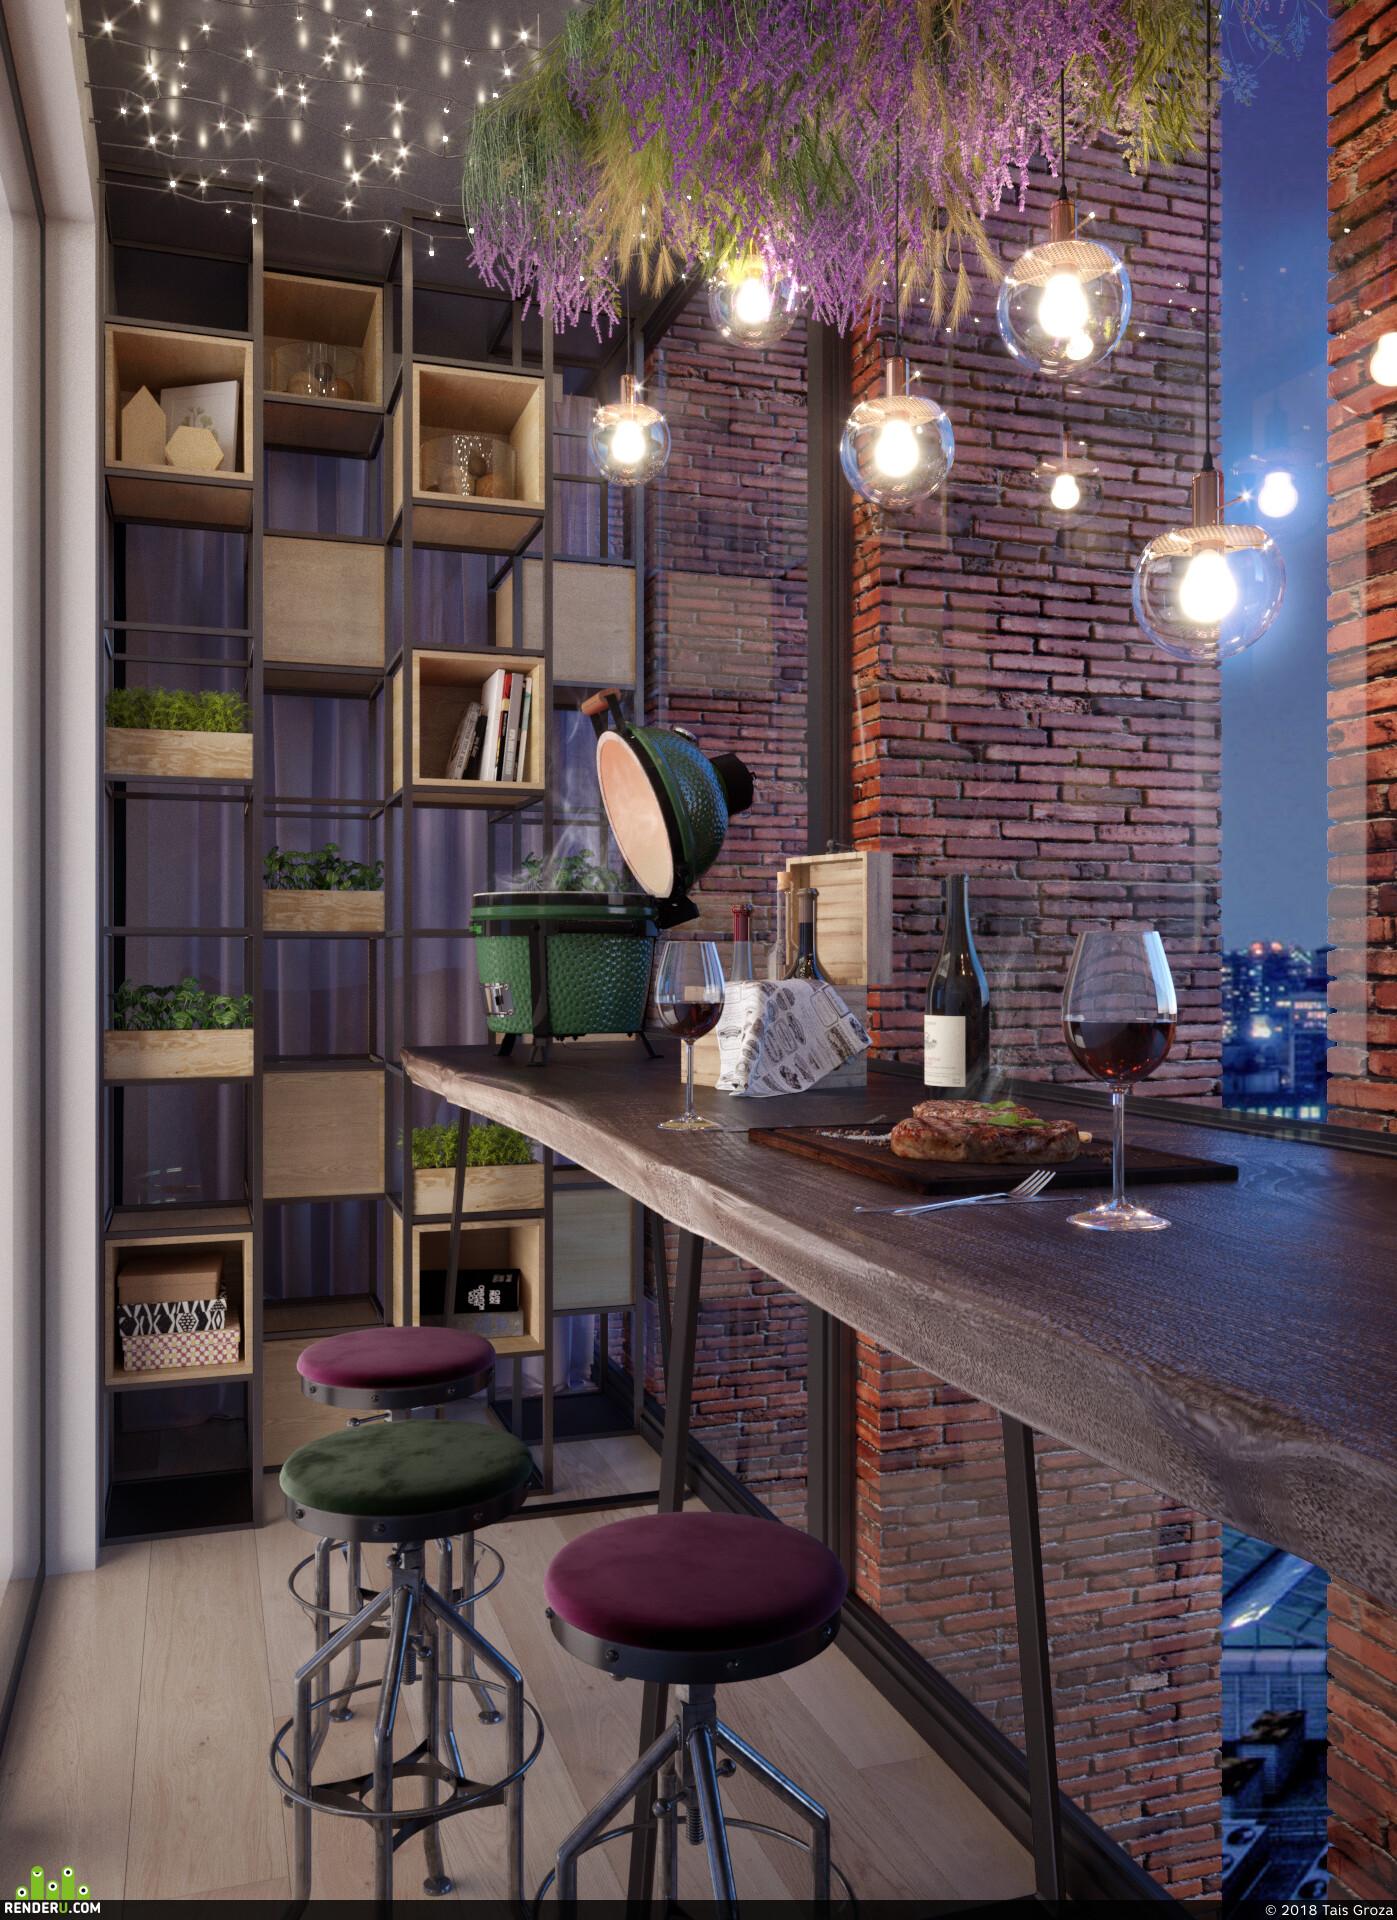 интерьер, дизайн интерьера, Спальня, дизайн, гостиная, Ванная, ванная комната, кухня, темный интерьер, балкон